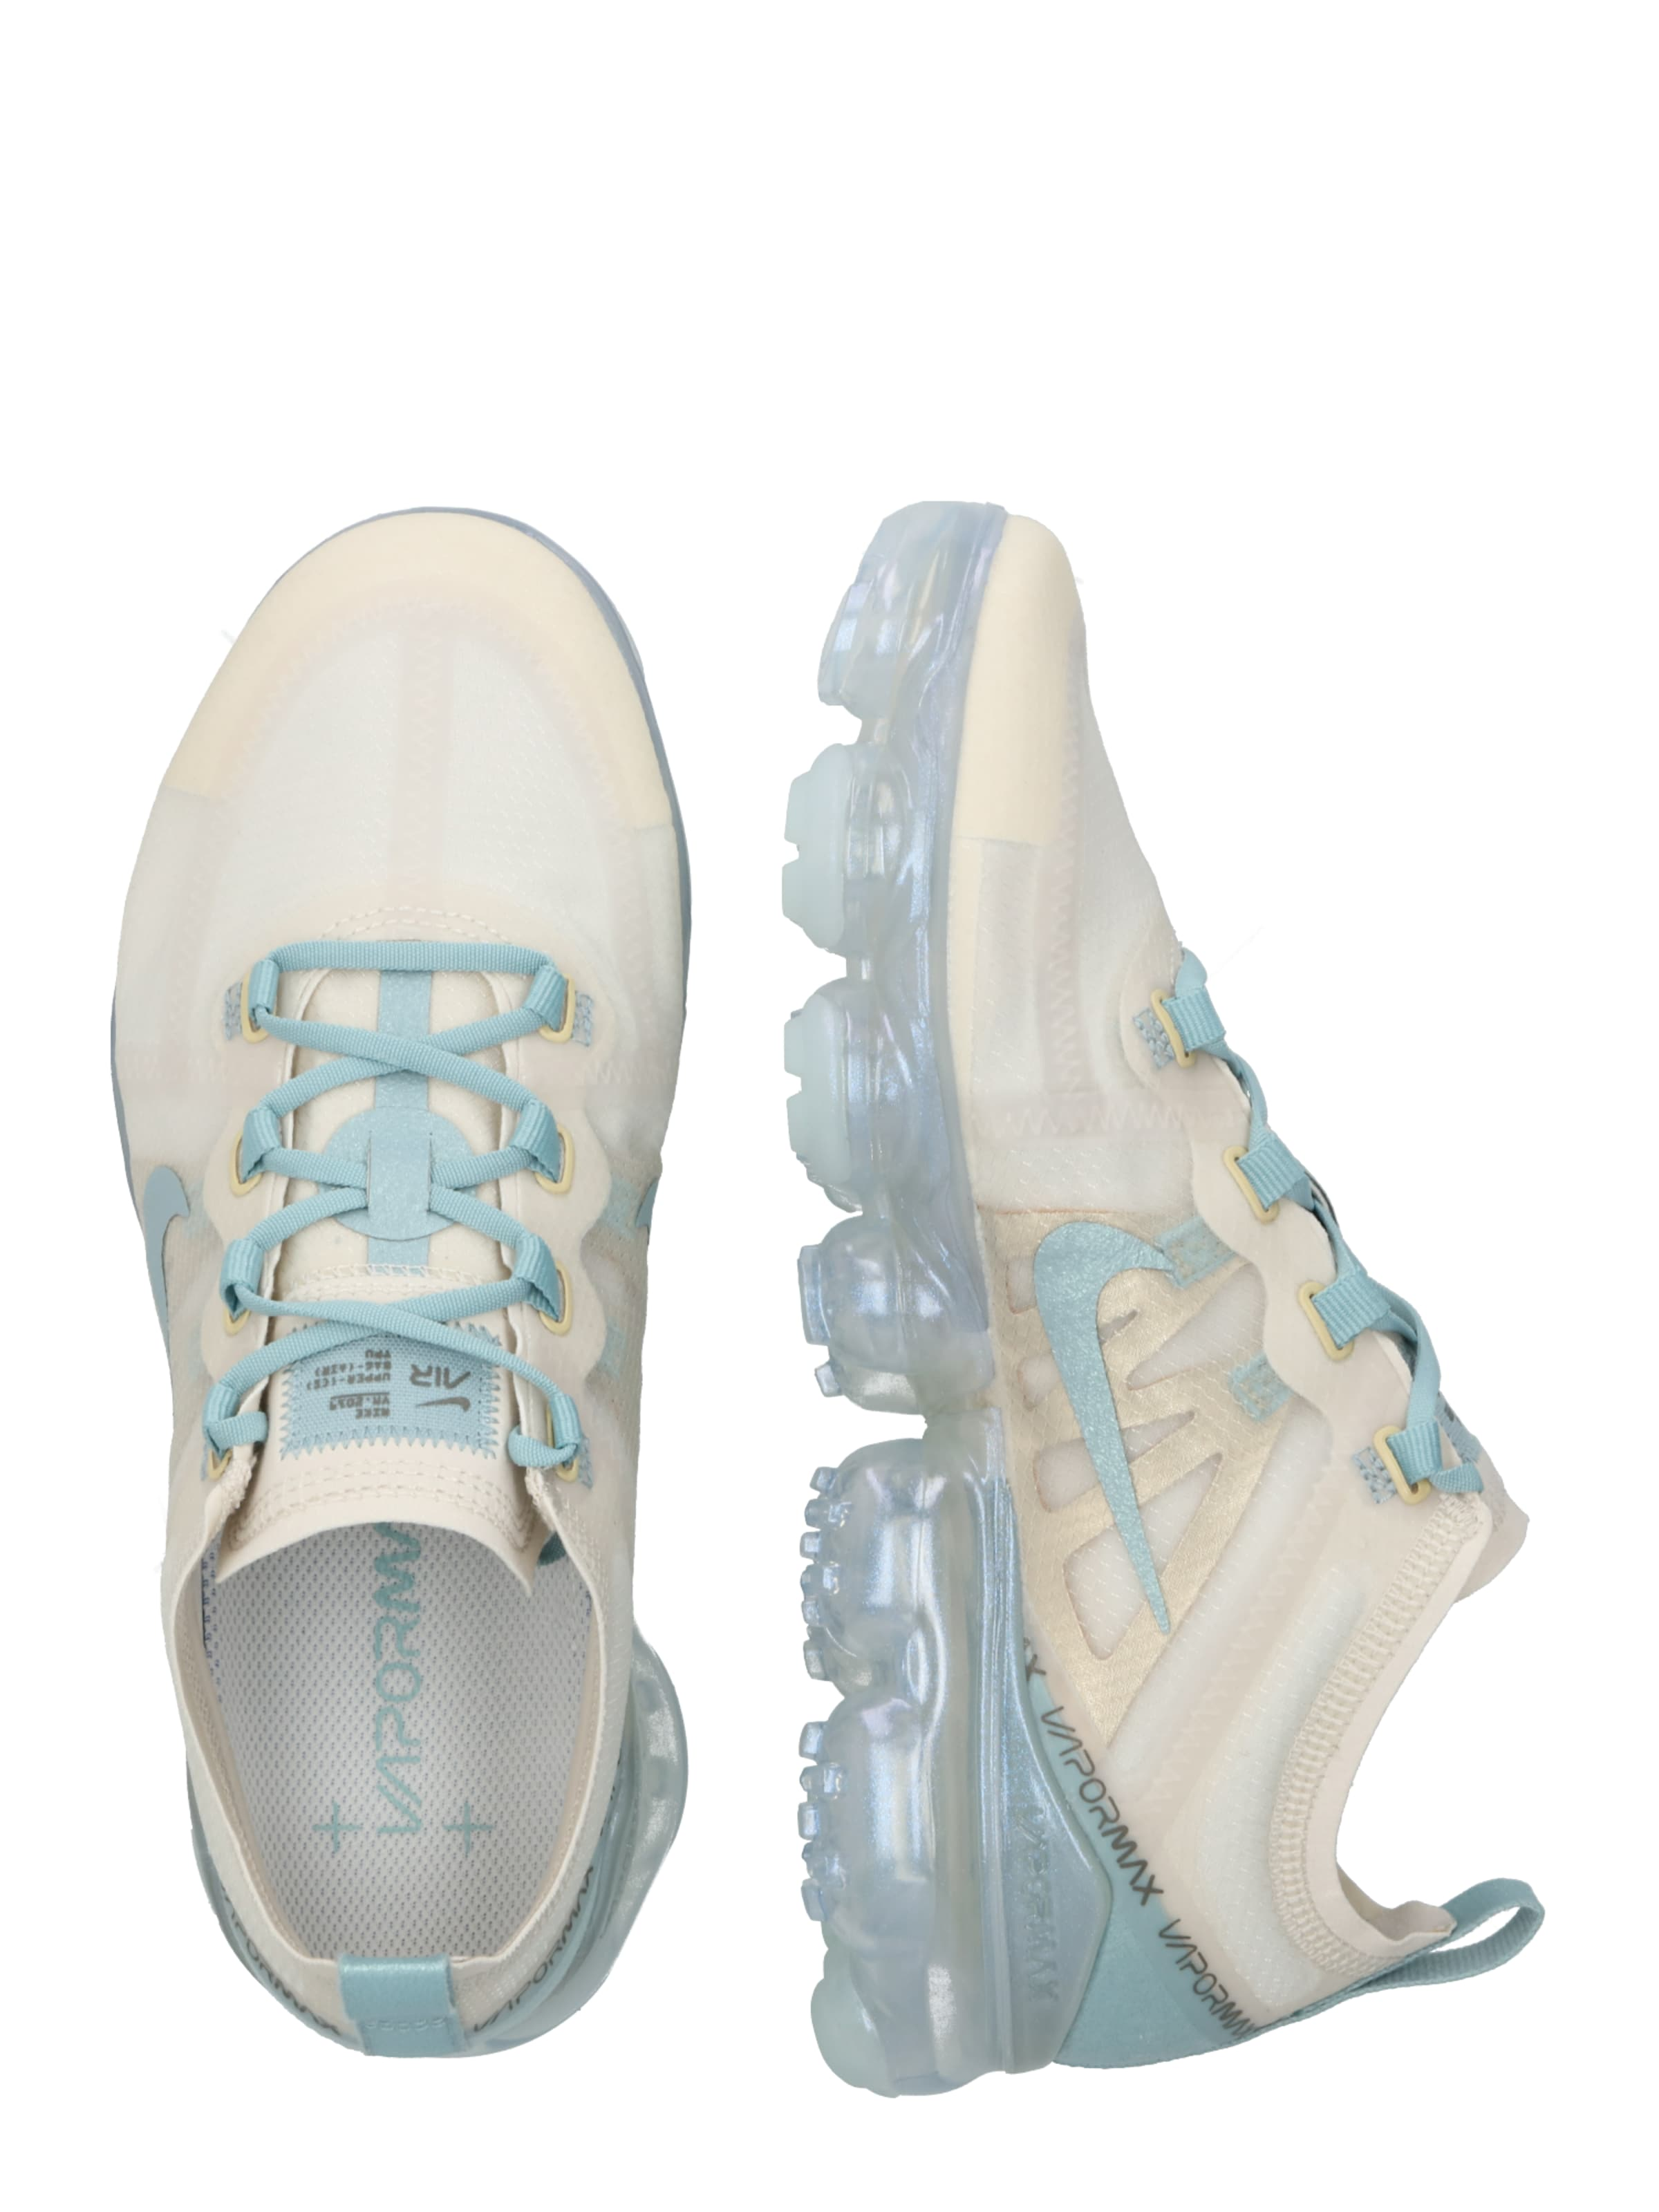 Basses Baskets Nike Crème 'air Sportswear Vapormax' En 8wPOn0kX